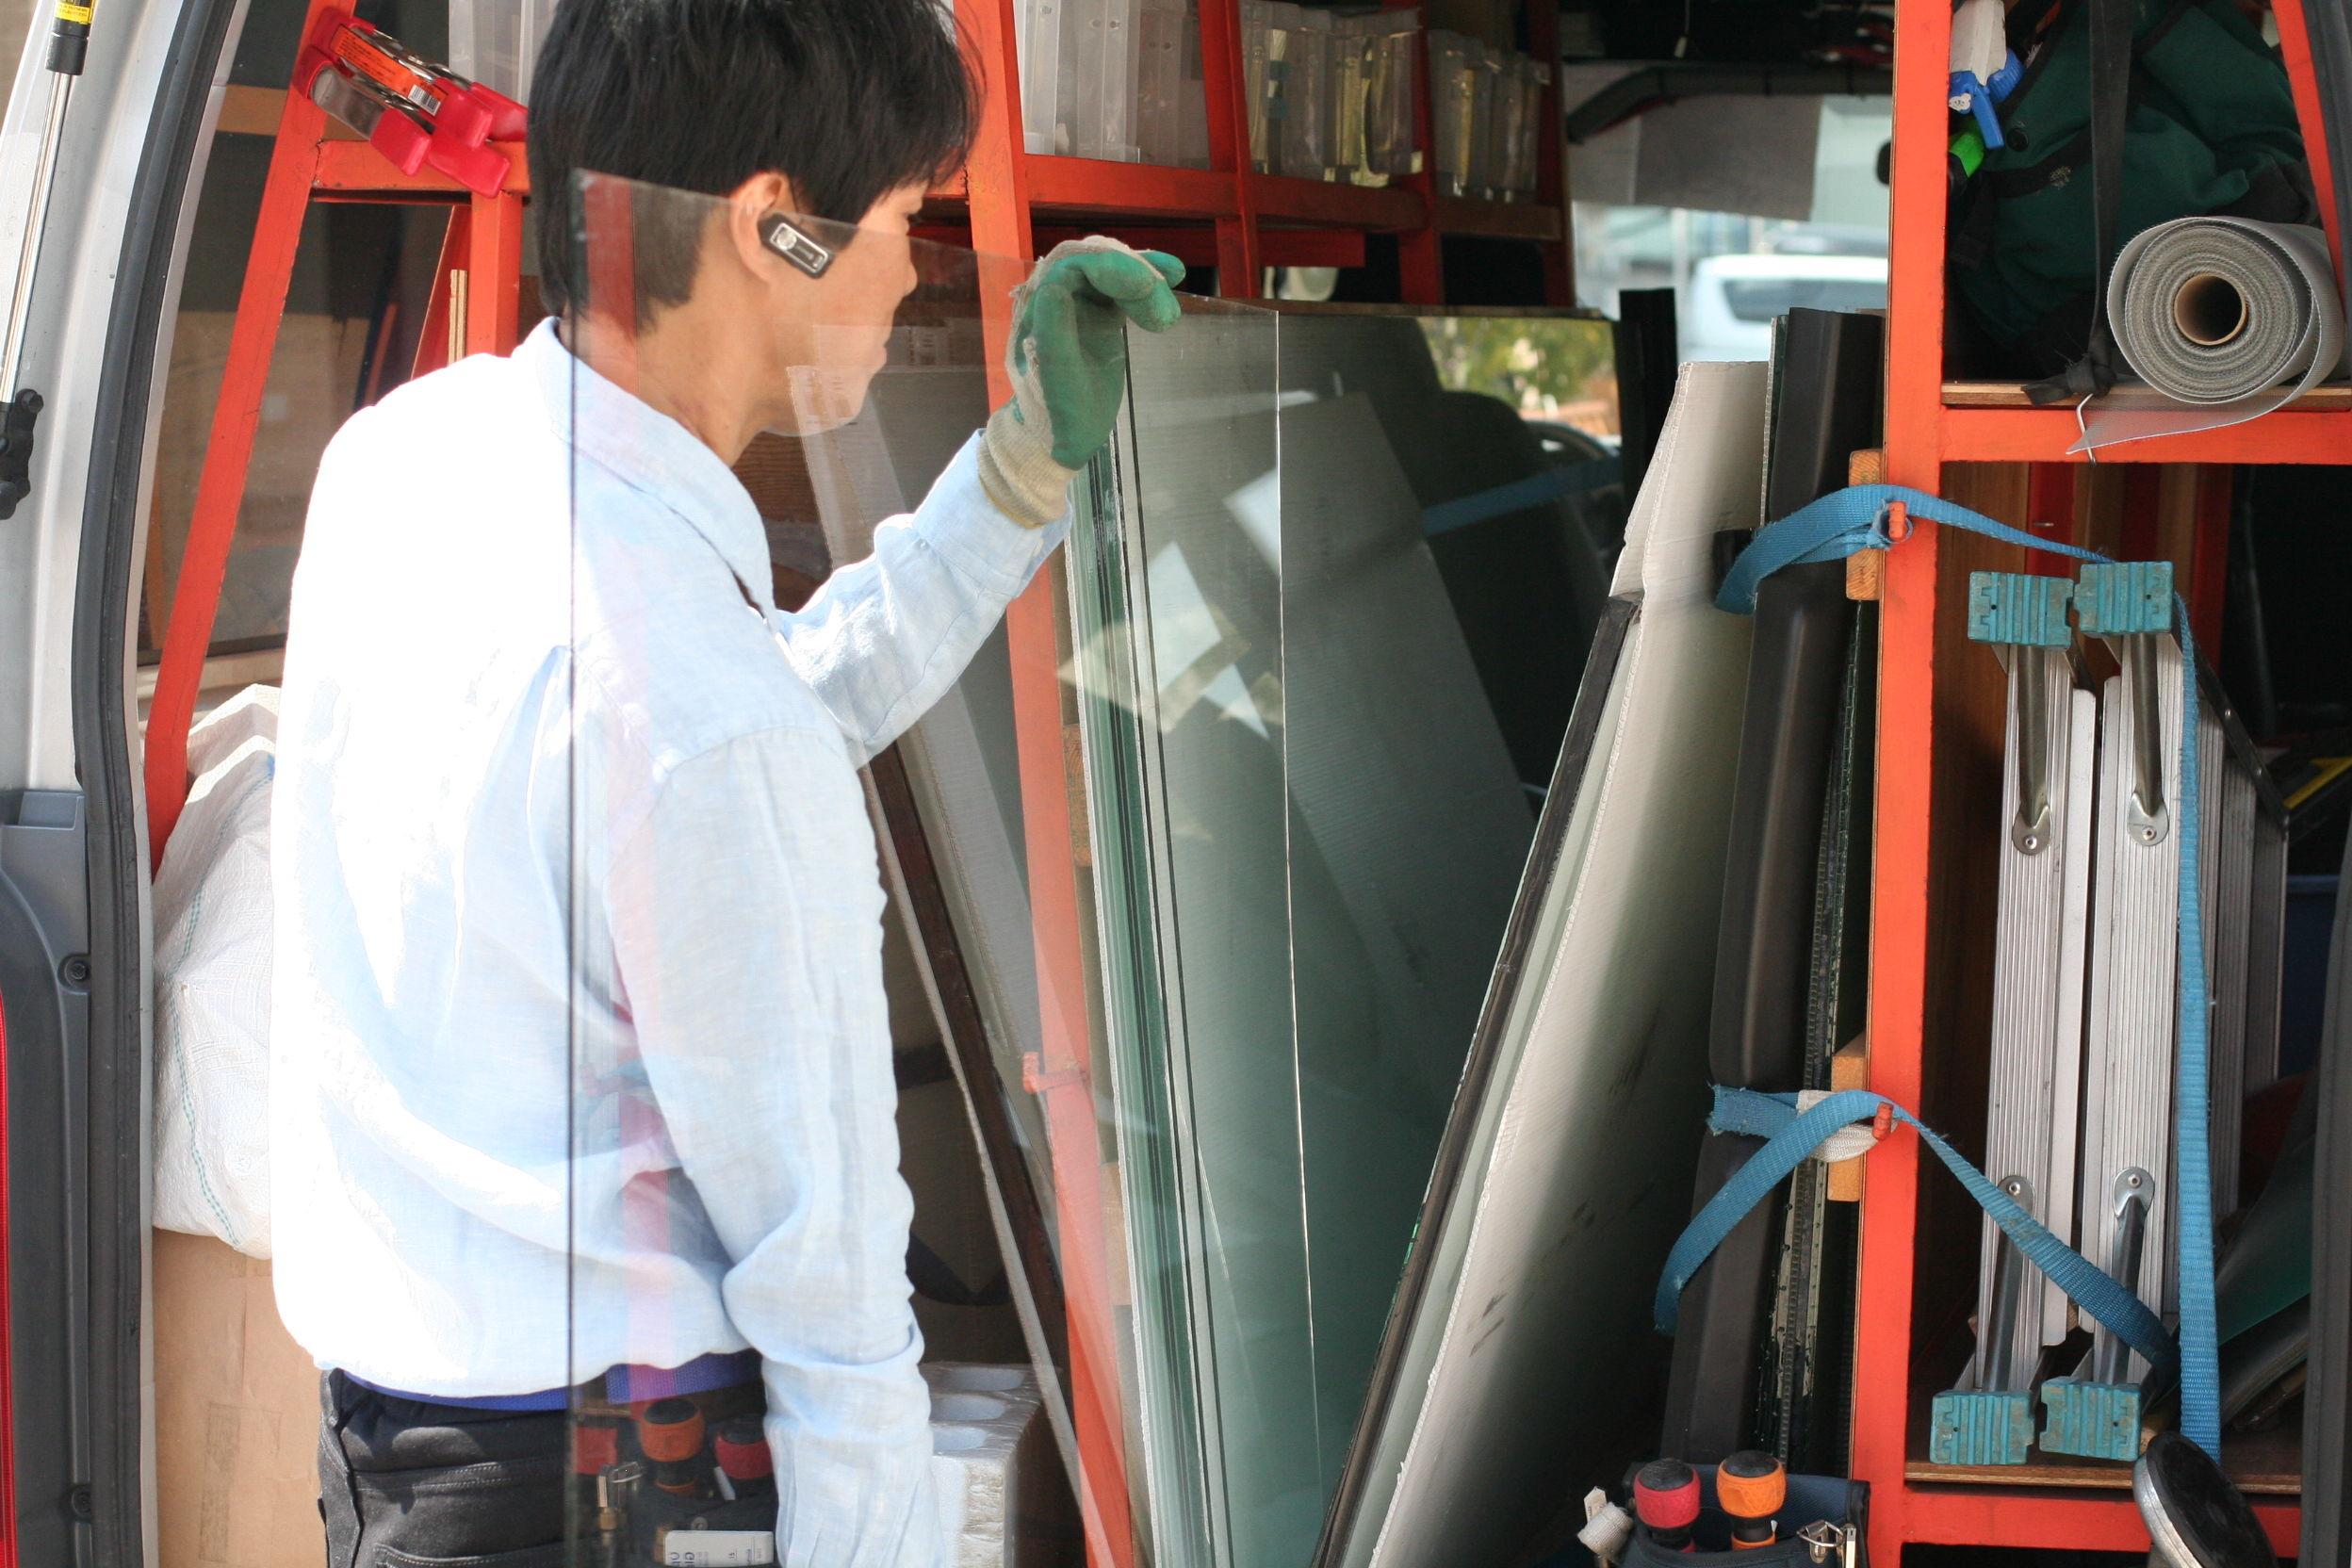 ガラスのトラブル救Q隊.24【金沢市 出張エリア】の店内・外観画像4